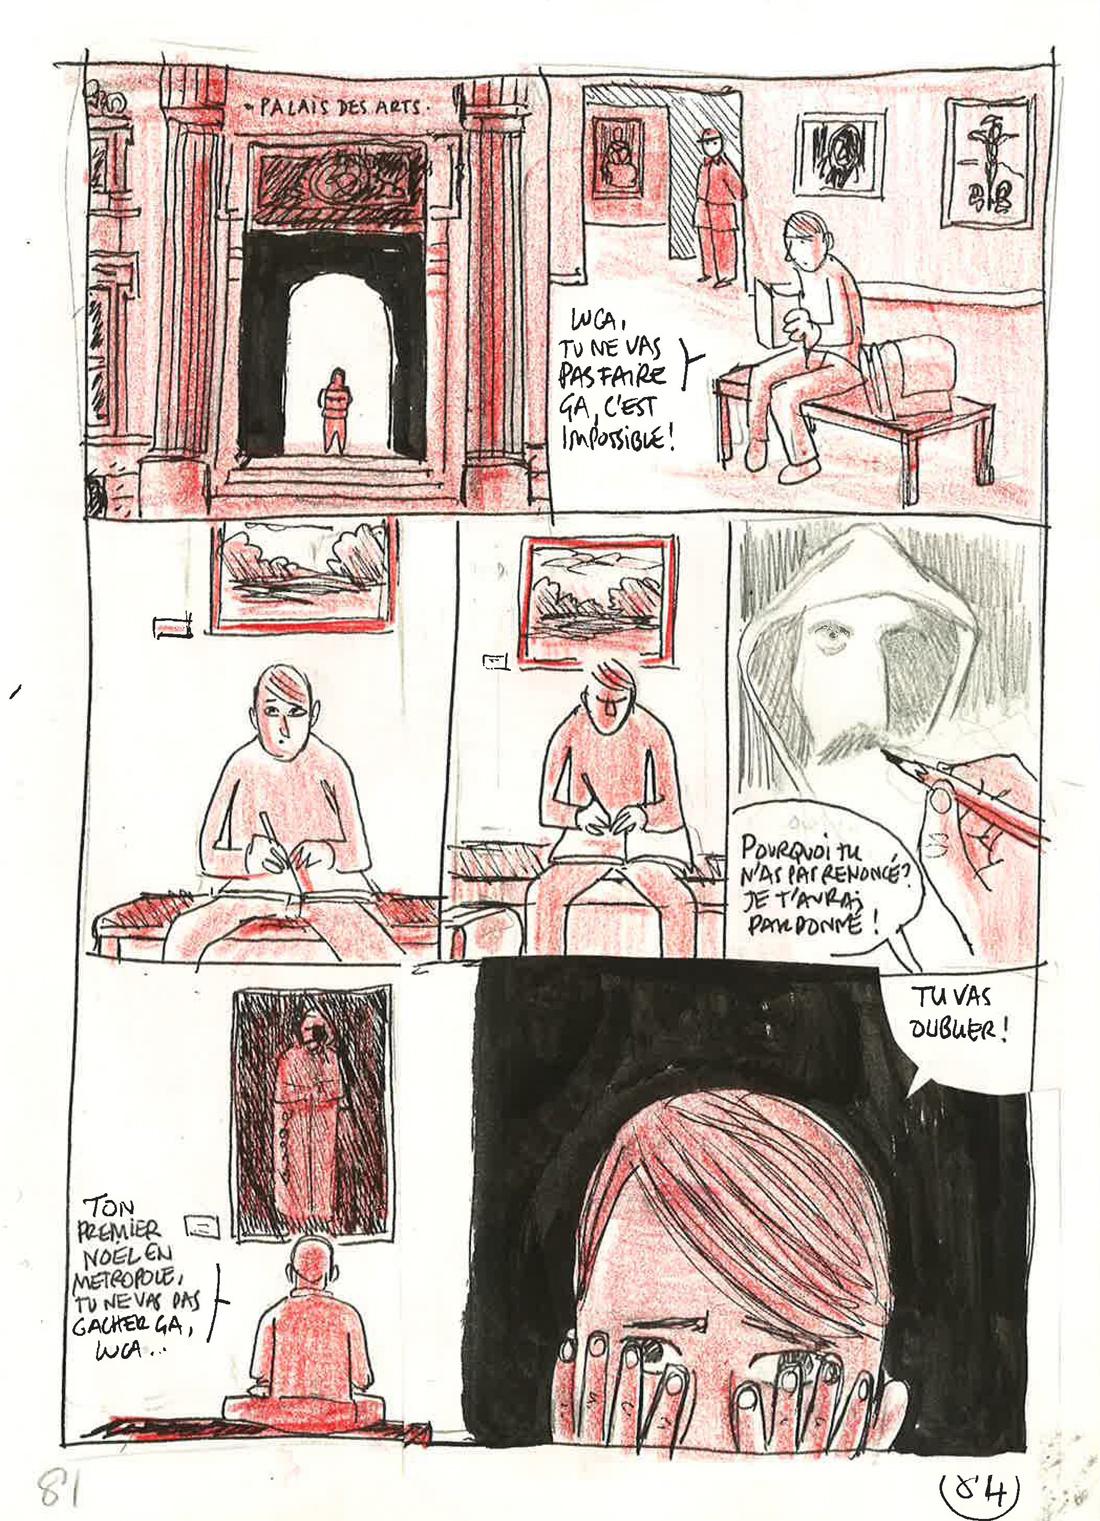 30 ans d'édition, par Sébastien Gnaedig, Chapitre 48: Profession du père. Planche 89, crayonné